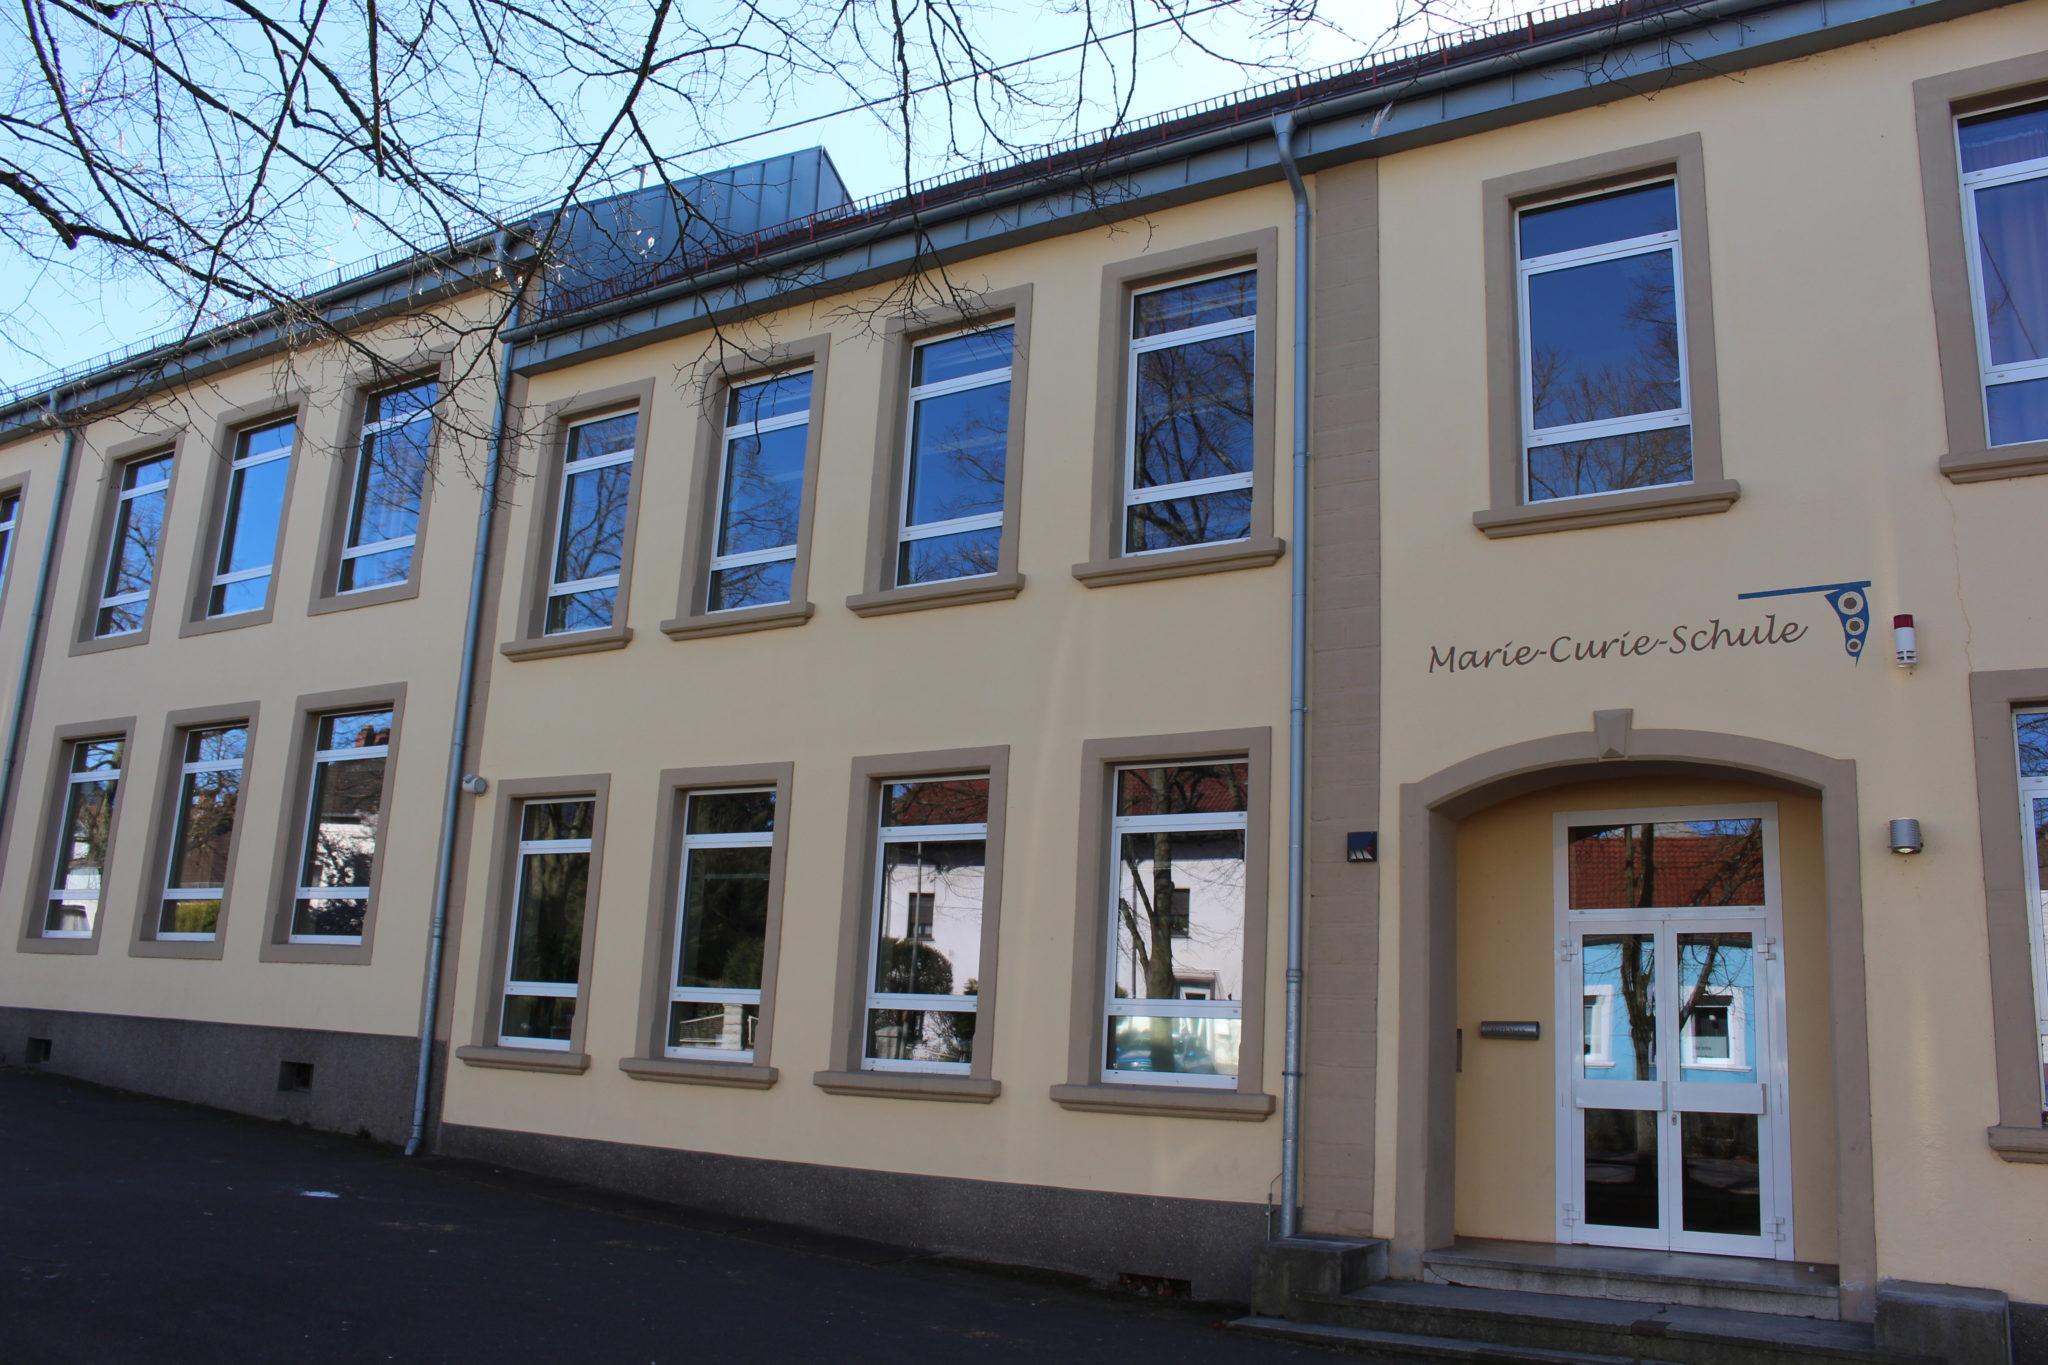 zu sehen ist der Eingang der ehemaligen Marie Curie Schule mit dem Schriftzug. Die Schule gehört jetzt zur Bisttalschule Wadgassen-Bous